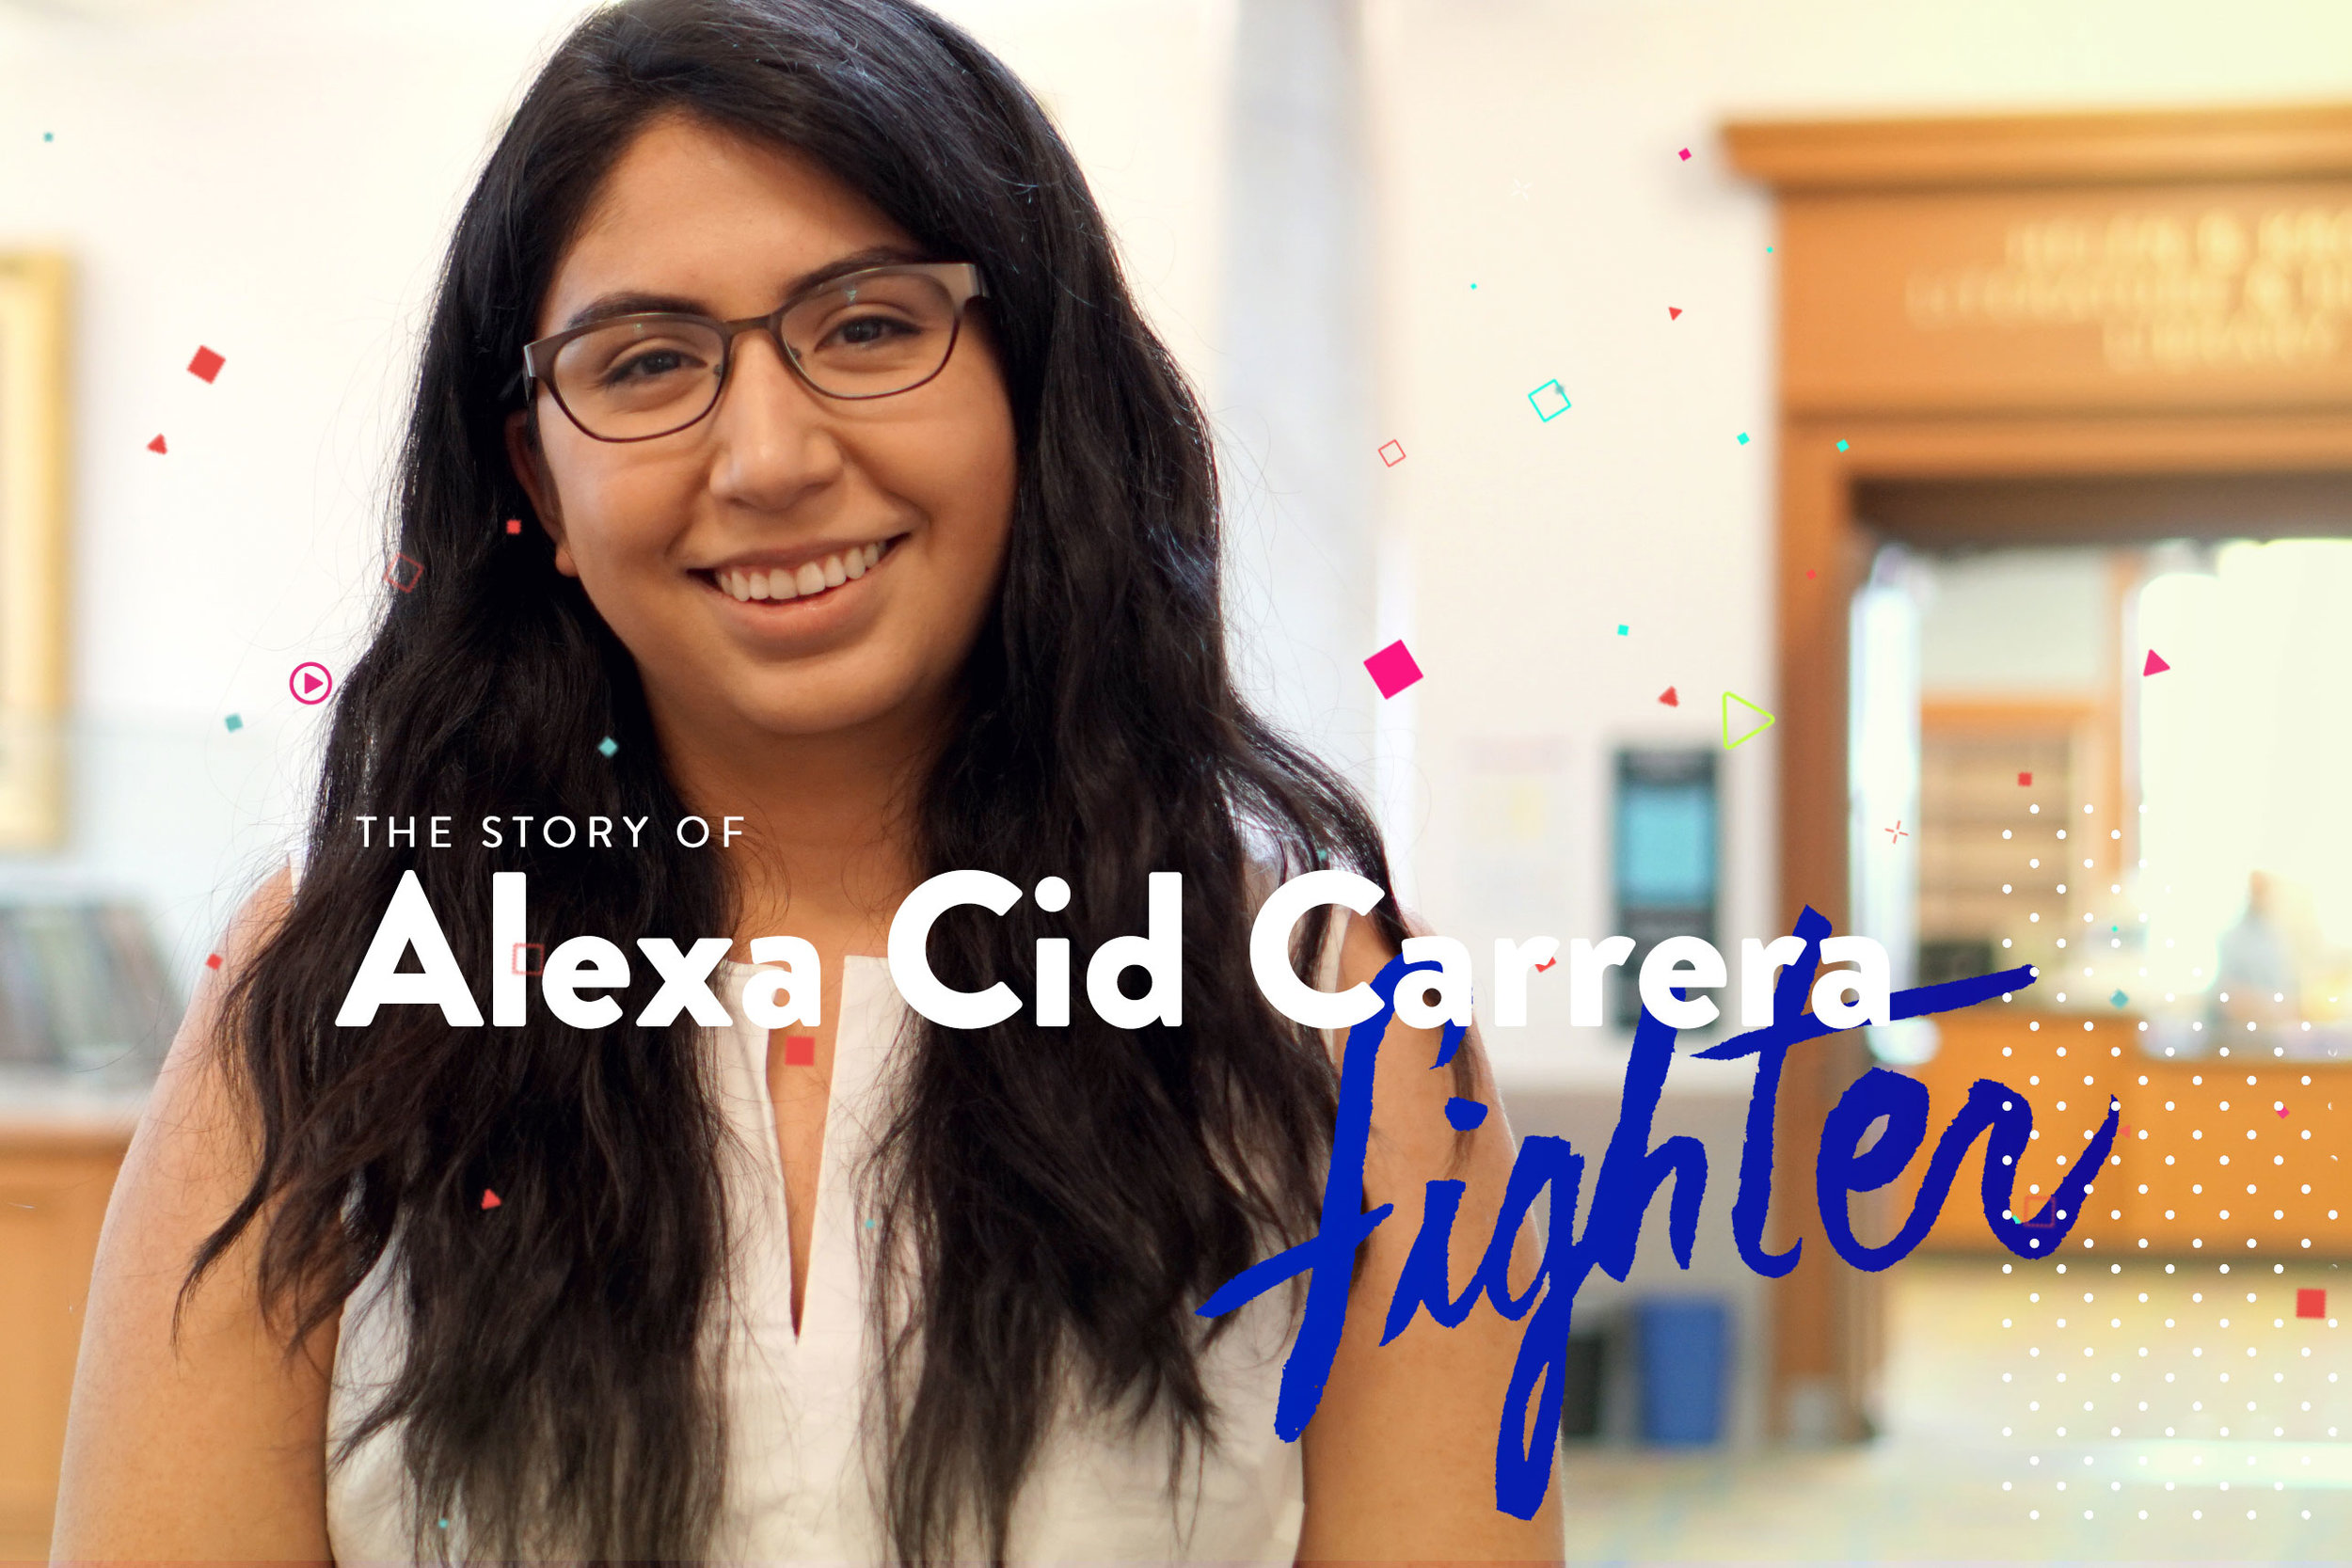 Alexa_cover_website.jpg